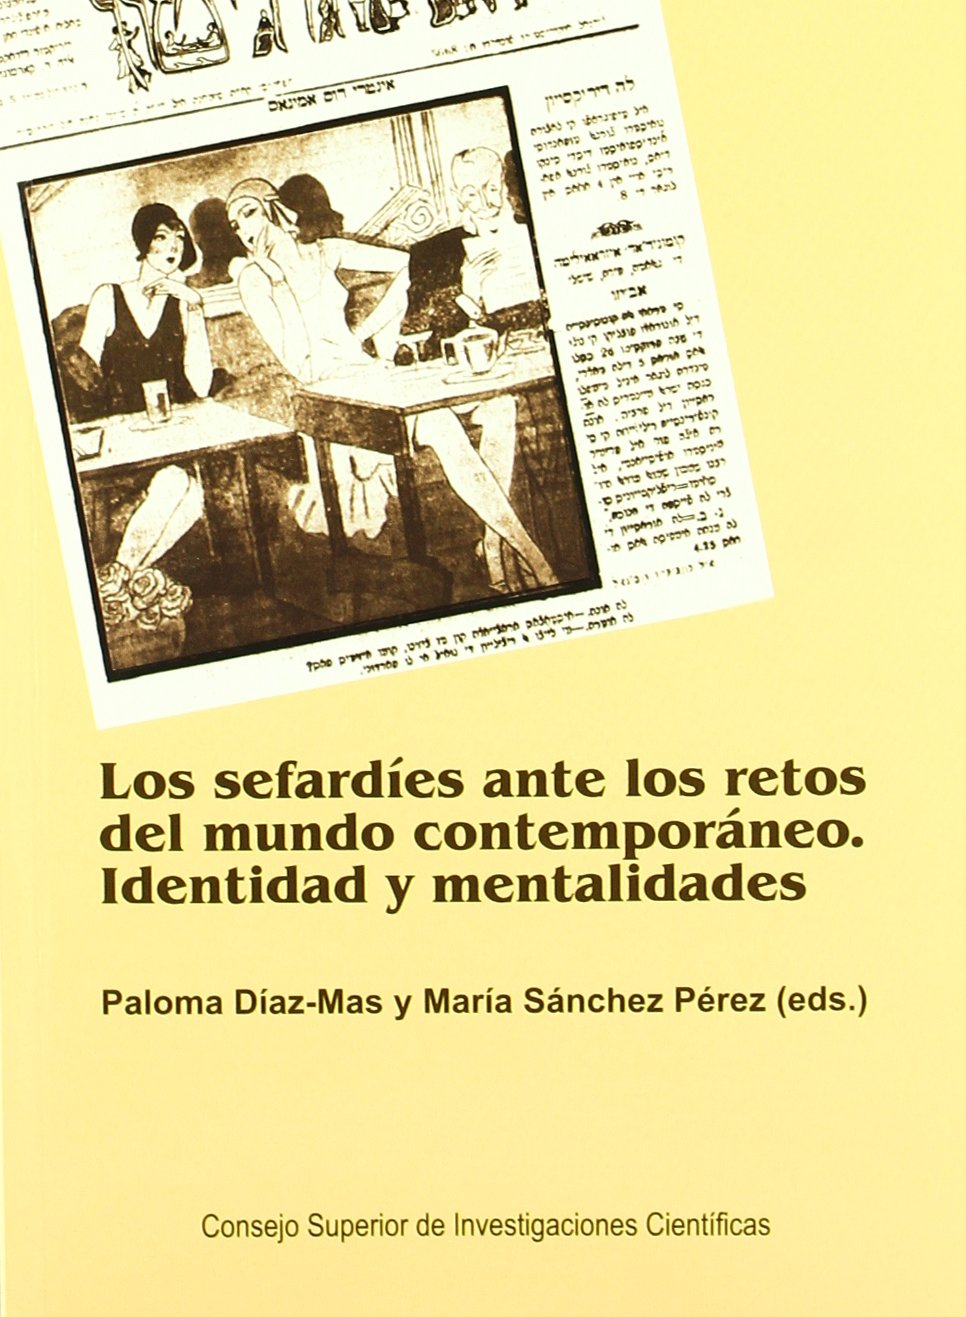 Los sefardíes ante los retos del mundo contemporáneo: Identidad y mentalidades Tapa blanda – 30 dic 2010 Paloma Díaz Mas (ed.) María Sánchez Pérez (ed.) 8400092570 Historia social y cultural